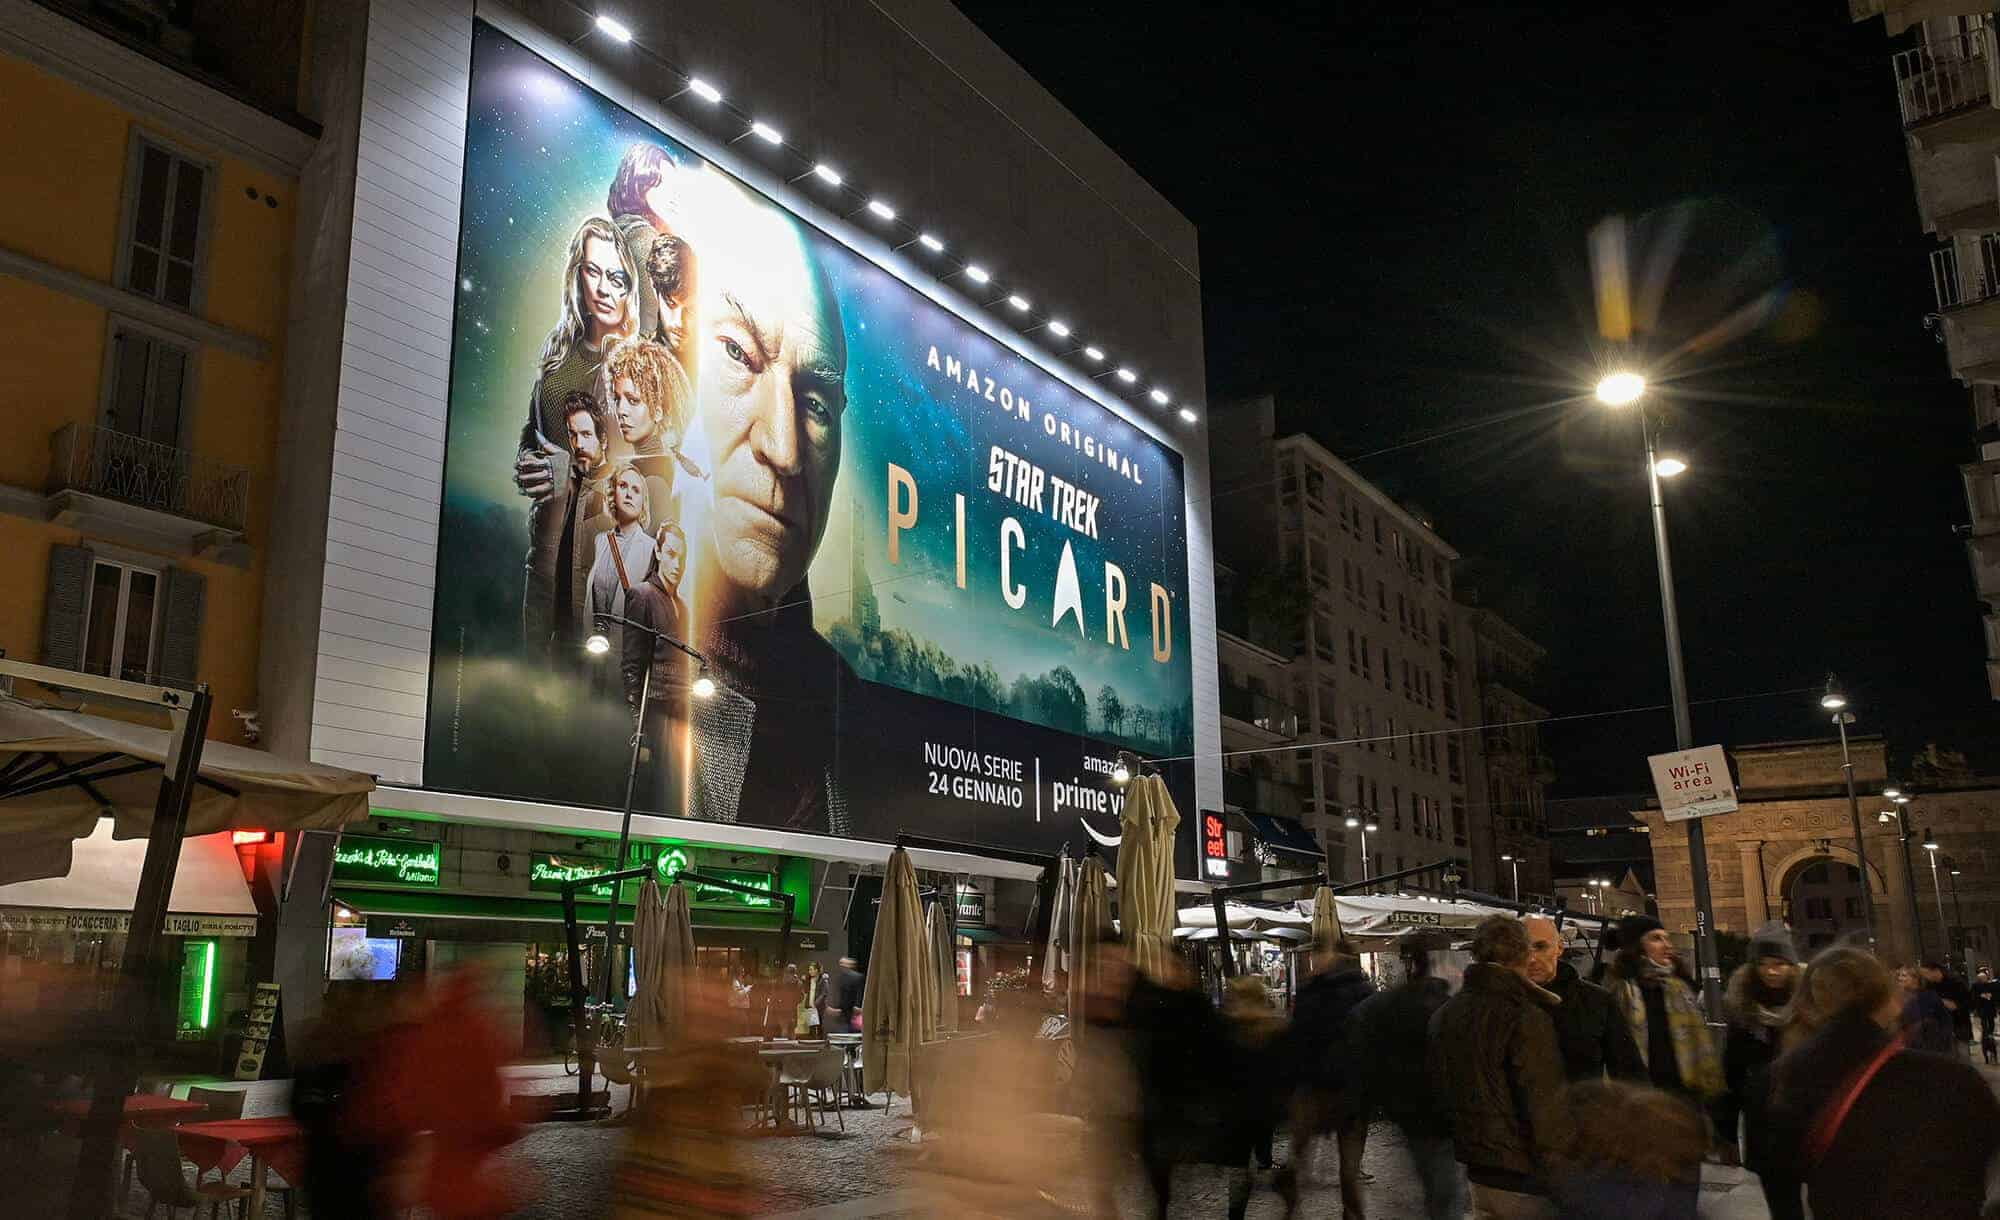 Maxi Affisione a Milano in Corso Como 6 di Amazon Star Trek Picard (serie tv)